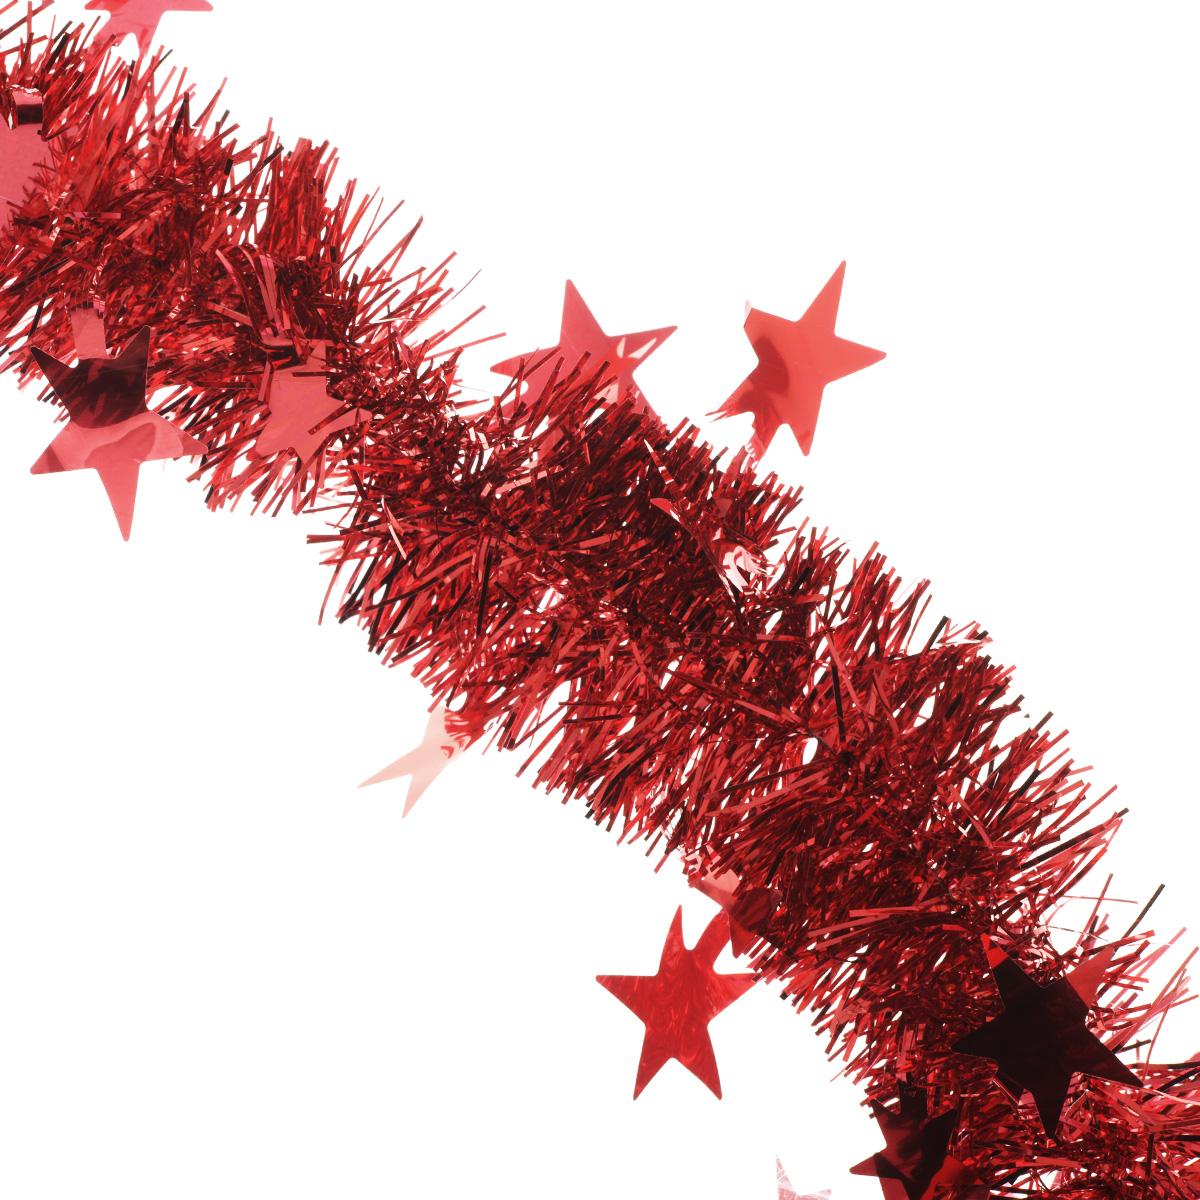 Мишура новогодняя Sima-land, цвет: красный, диаметр 5 см, длина 2 м. 702609702609Мишура новогодняя Sima-land, выполненная из фольги, поможет вам украсить свой дом к предстоящим праздникам. Мишура армирована, то есть имеет проволоку внутри и способна сохранять приданную ей форму.Новогодняя елка с таким украшением станет еще наряднее. Новогодней мишурой можно украсить все, что угодно - елку, квартиру, дачу, офис - как внутри, так и снаружи. Можно сложить новогодние поздравления, буквы и цифры, мишурой можно украсить и дополнить гирлянды, можно выделить дверные колонны, оплести дверные проемы. Коллекция декоративных украшений из серии Зимнее волшебство принесет в ваш дом ни с чем несравнимое ощущение праздника! Создайте в своем доме атмосферу тепла, веселья и радости, украшая его всей семьей.